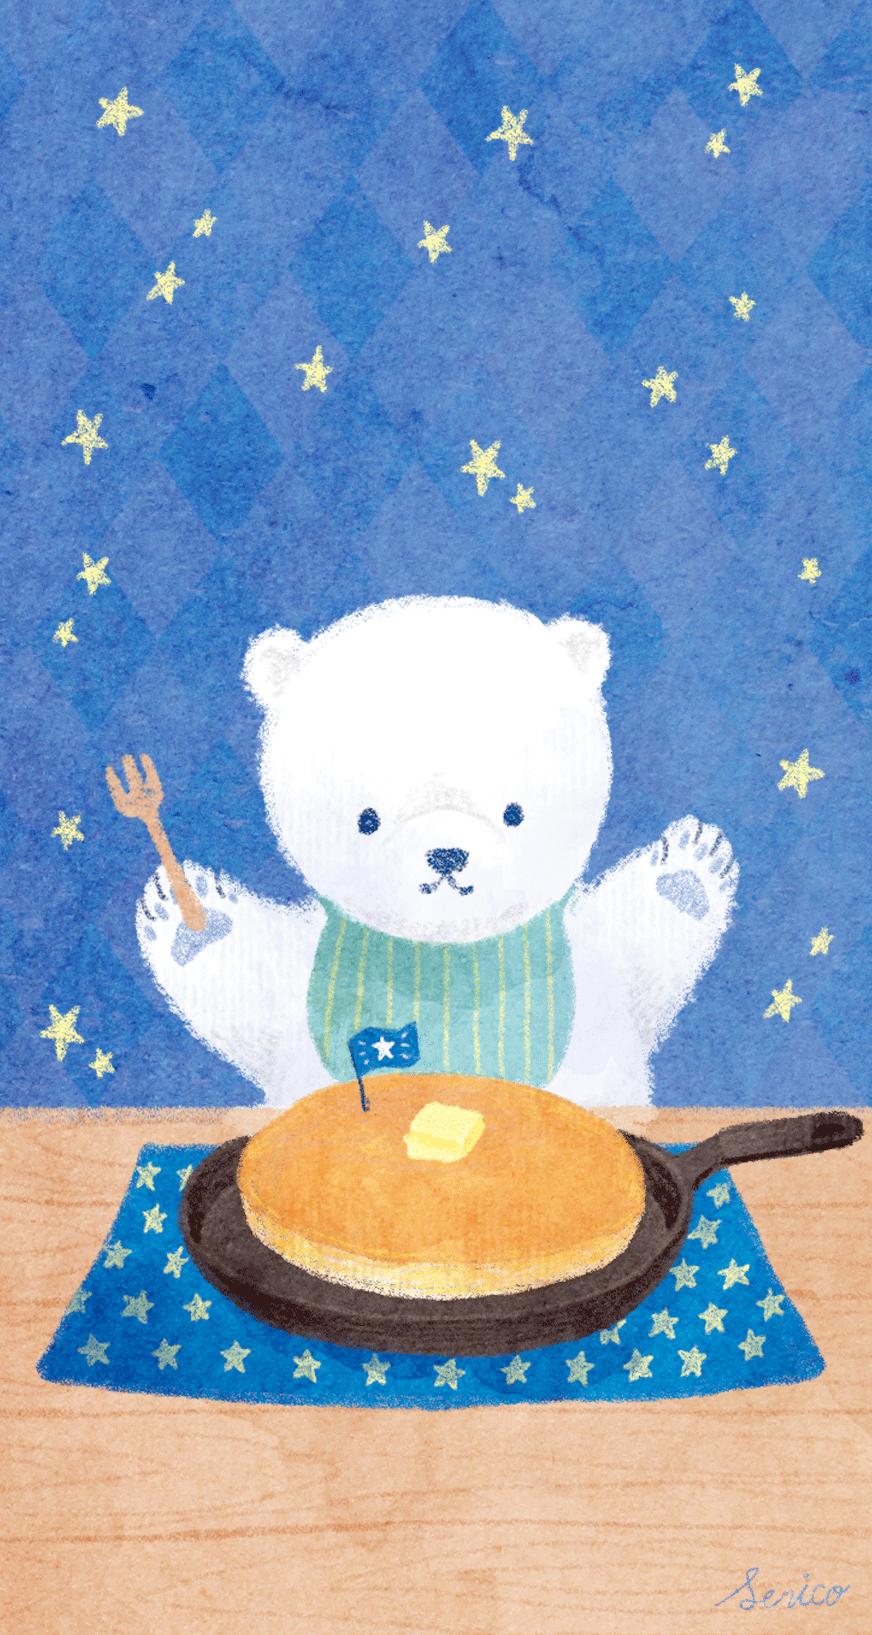 パンケーキを食べるしろくまの壁紙です 漫画の壁紙 シロクマ イラスト キュートなアート